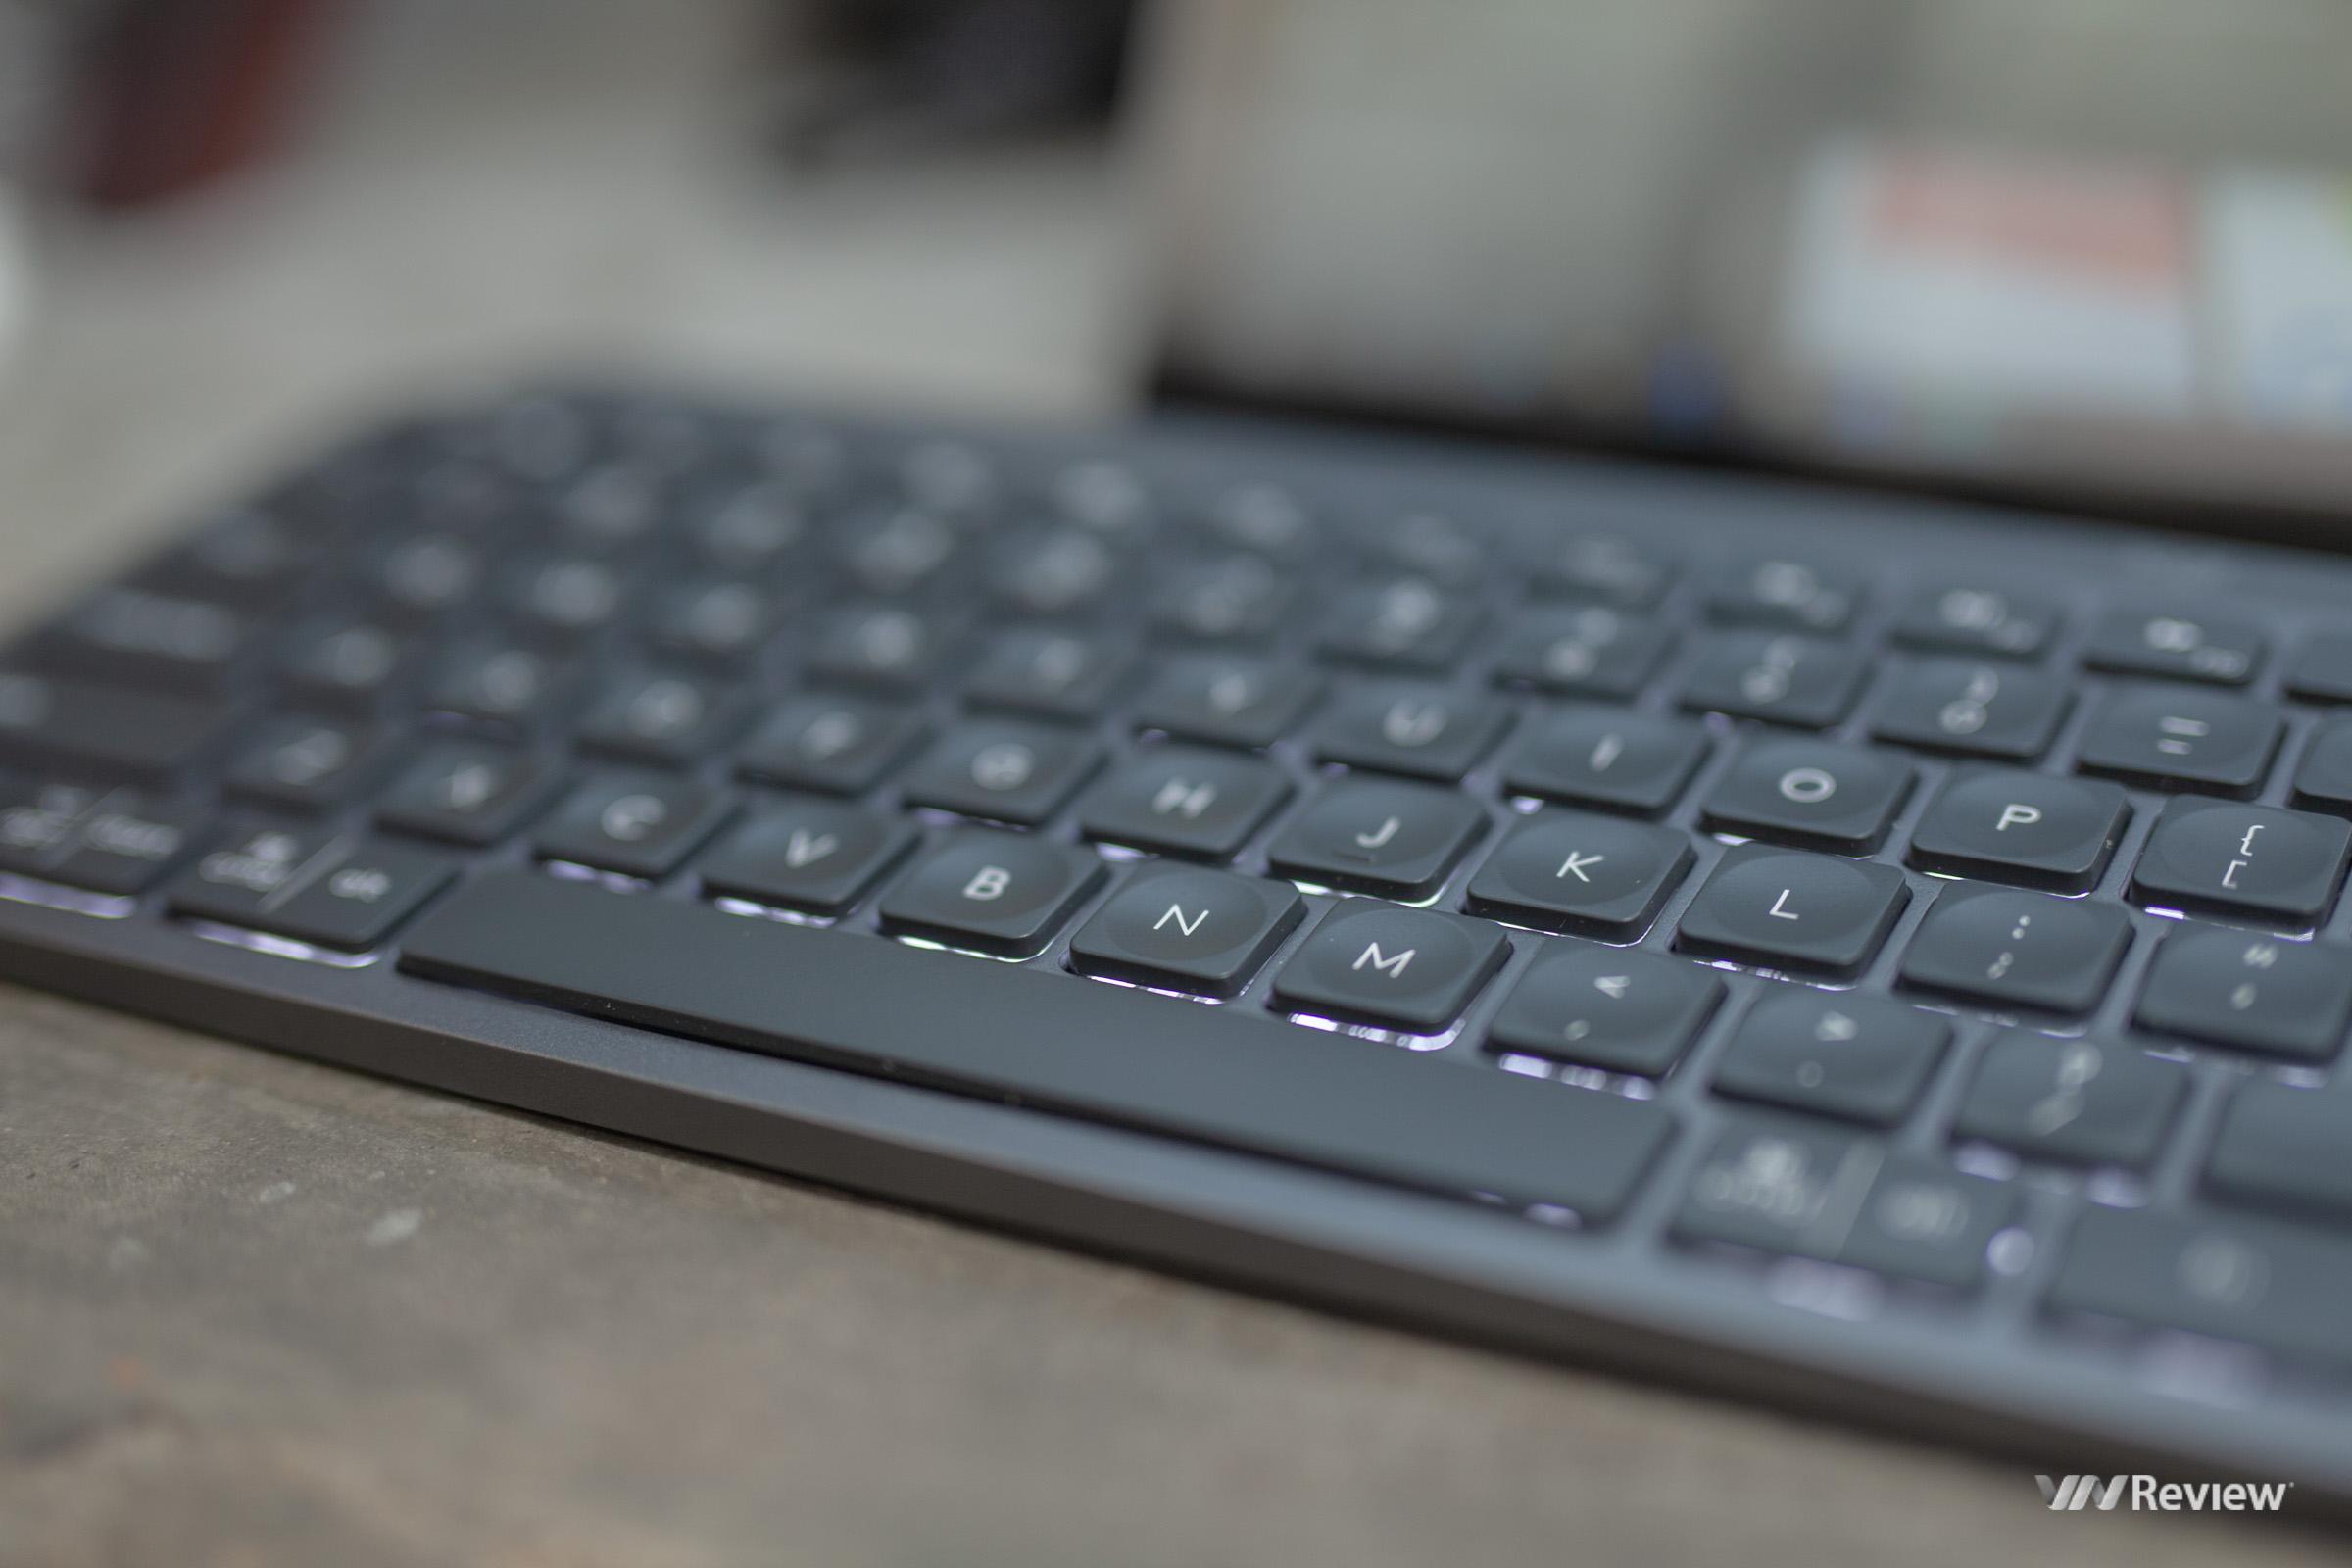 Đánh giá Logitech MX Keys: Xứng danh ông hoàng trong làng bàn phím văn phòng